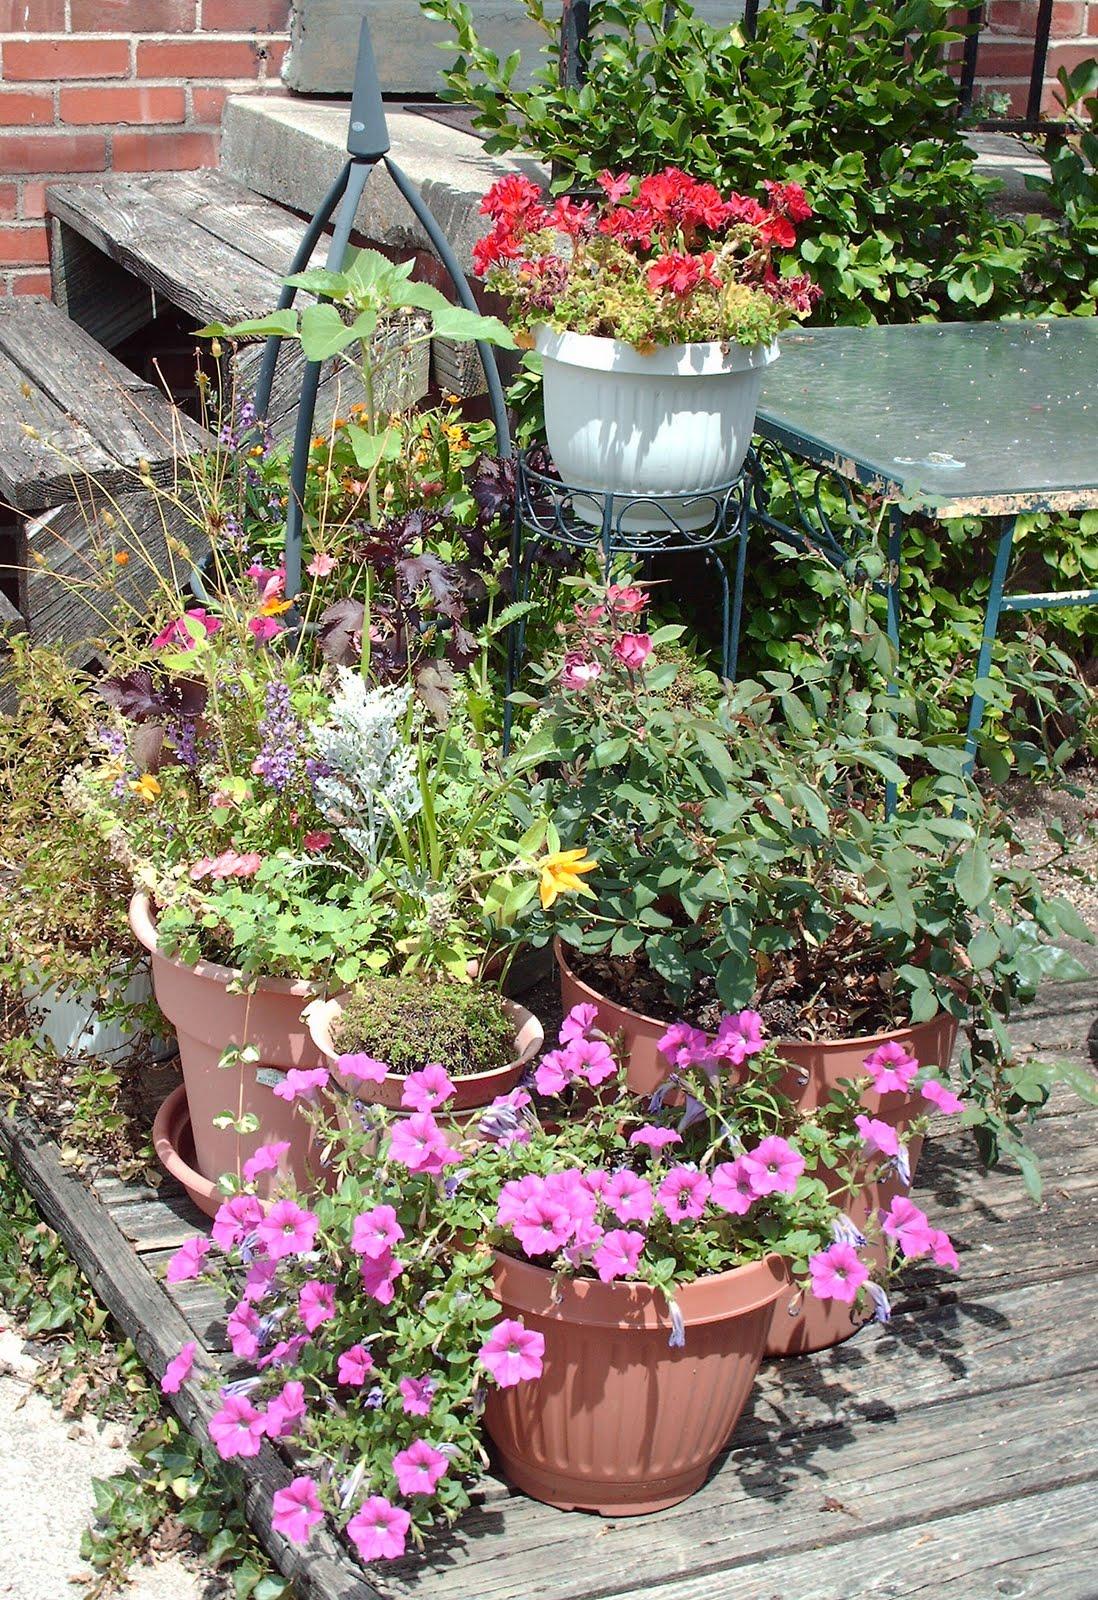 My Secret Garden: Vintage Gran: My Secret Garden Part Two